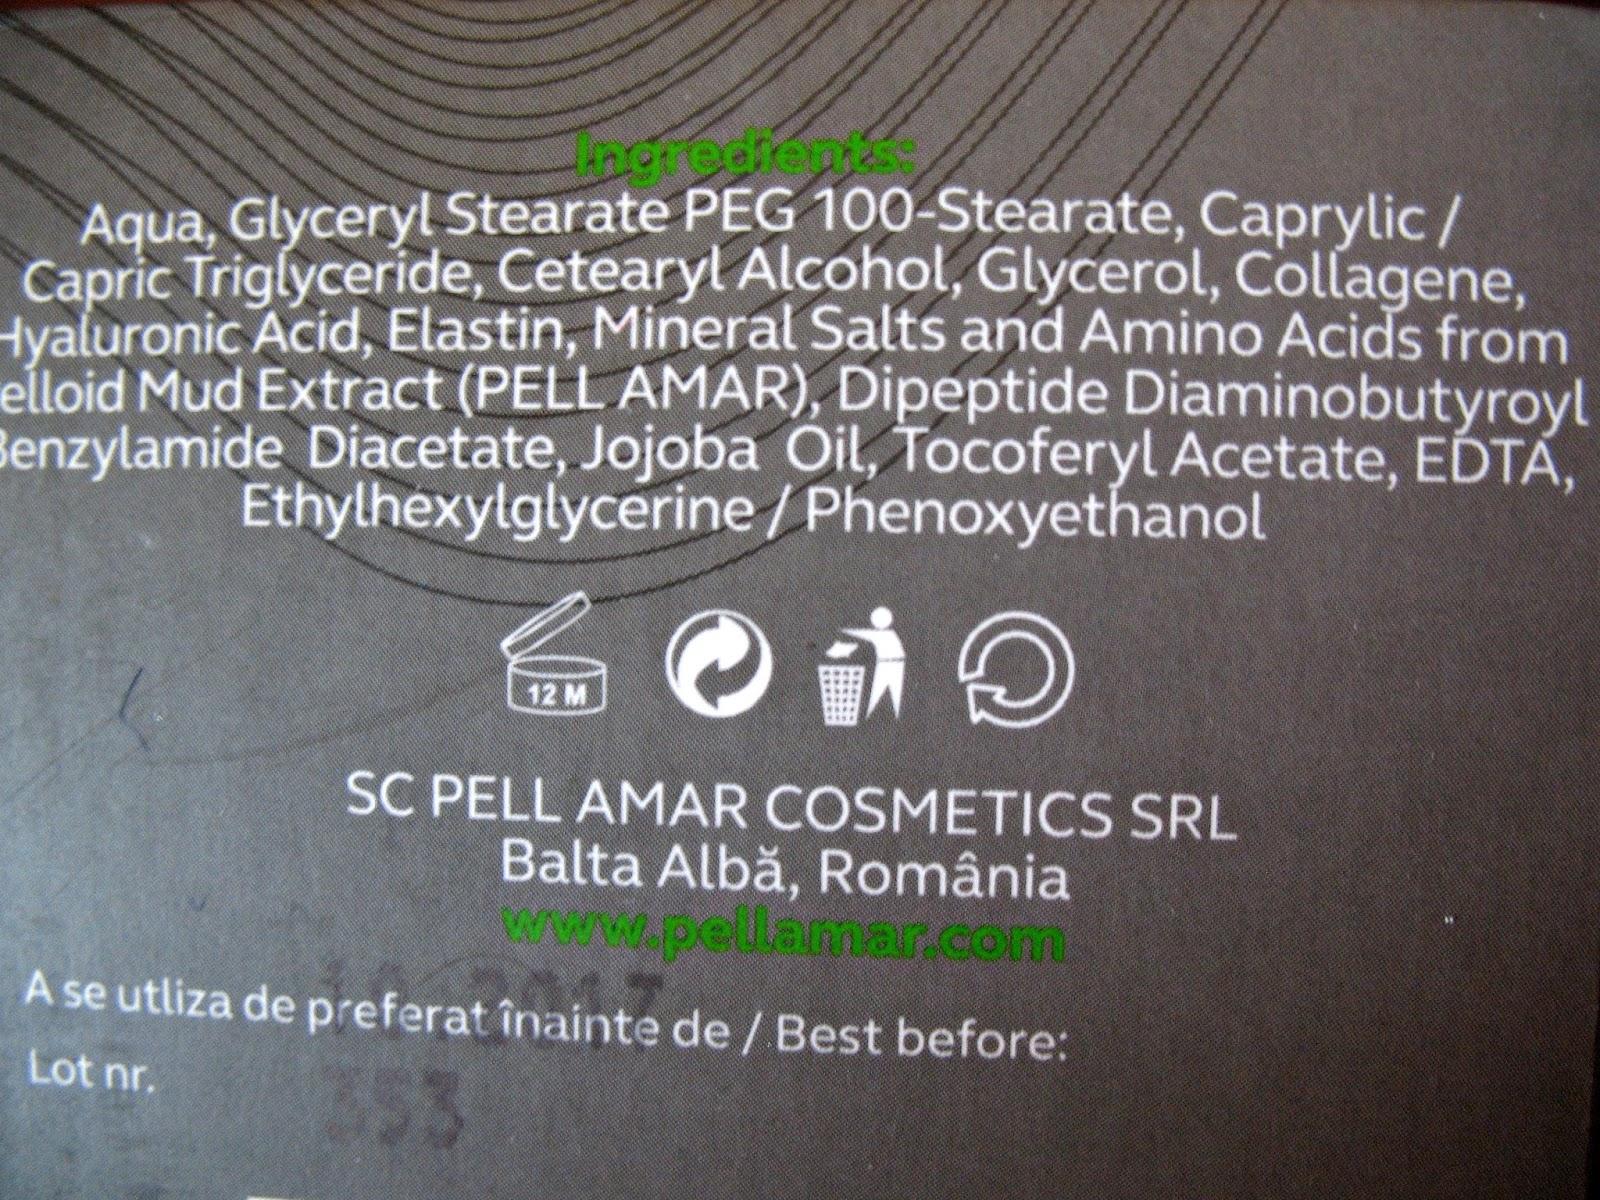 pell_amar_cosmetics_crema_hidratanta_antirid_ingrediente_01